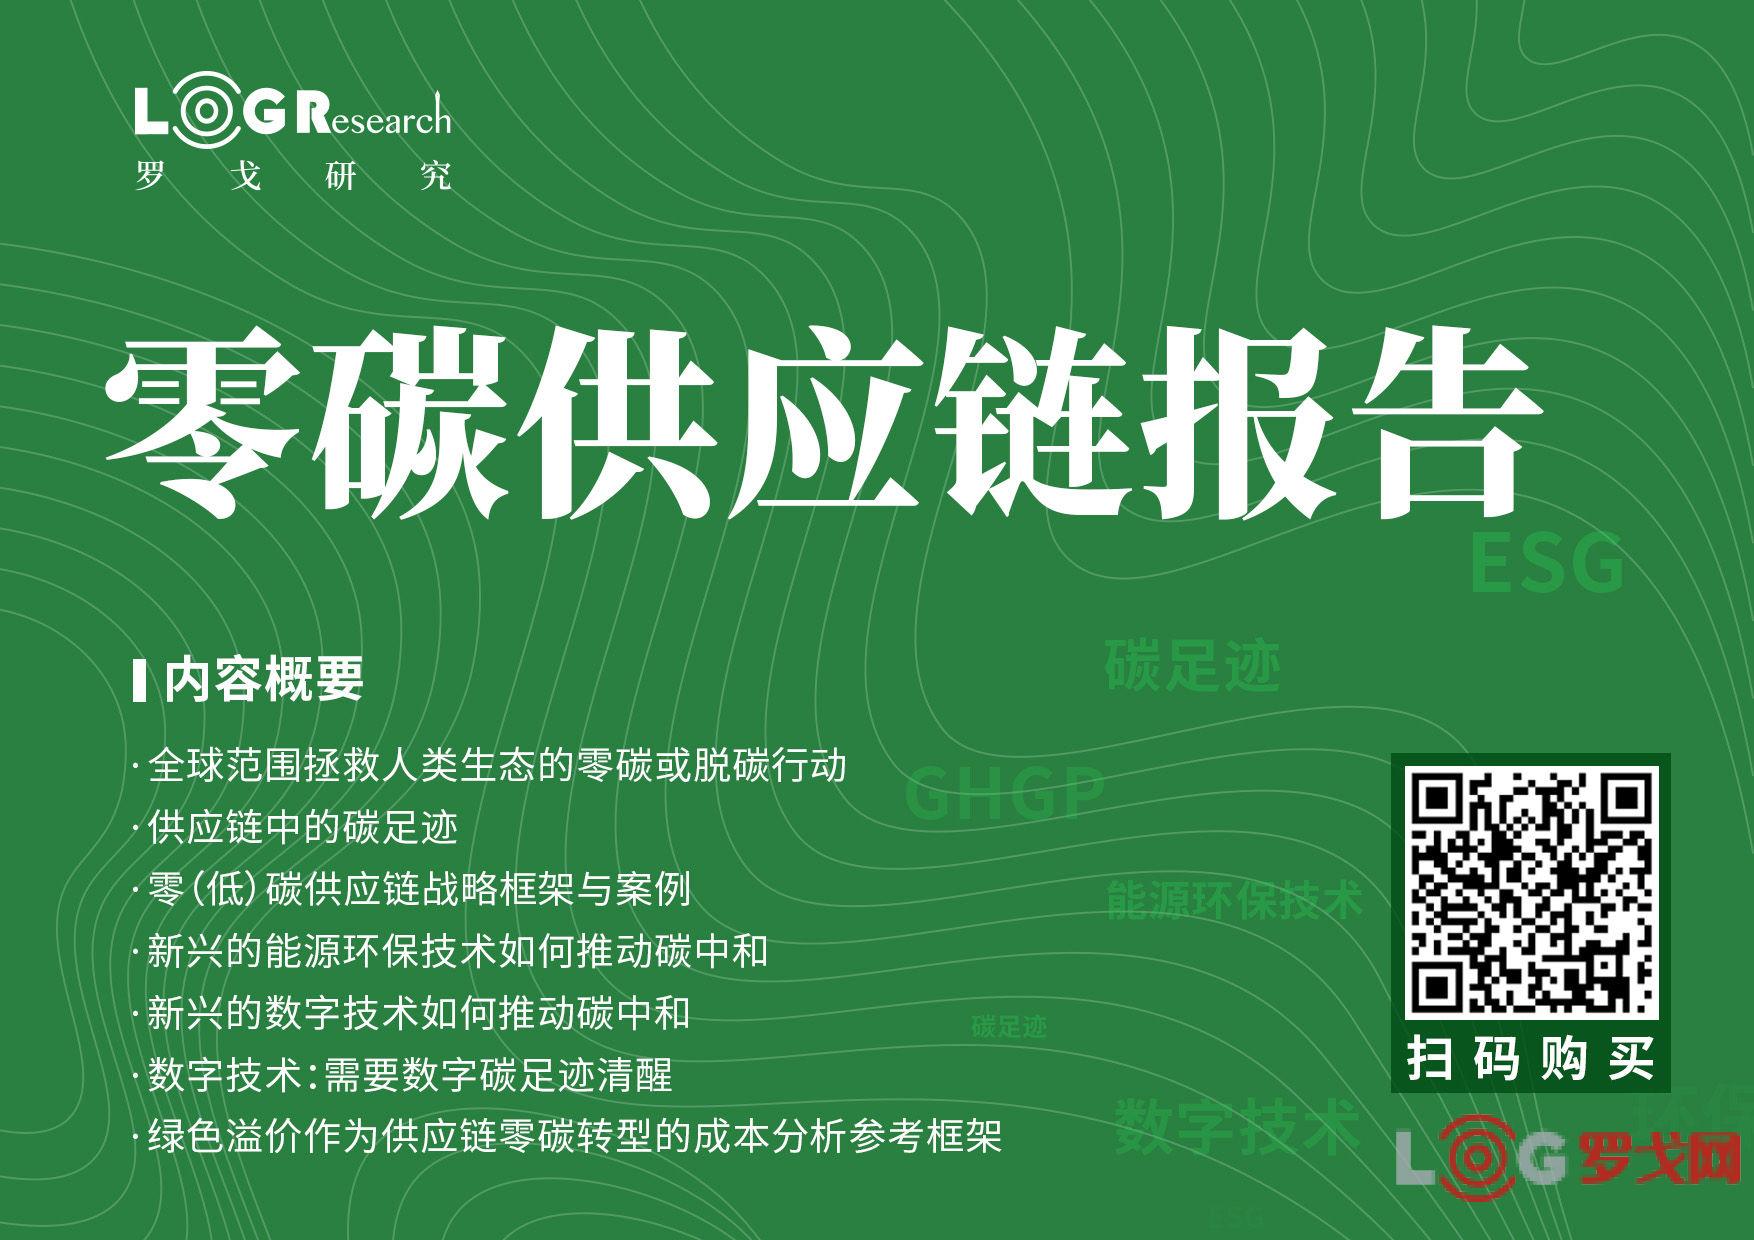 罗戈研究独家出品   行业首份《供应链零碳转型综合研究报告》来了!